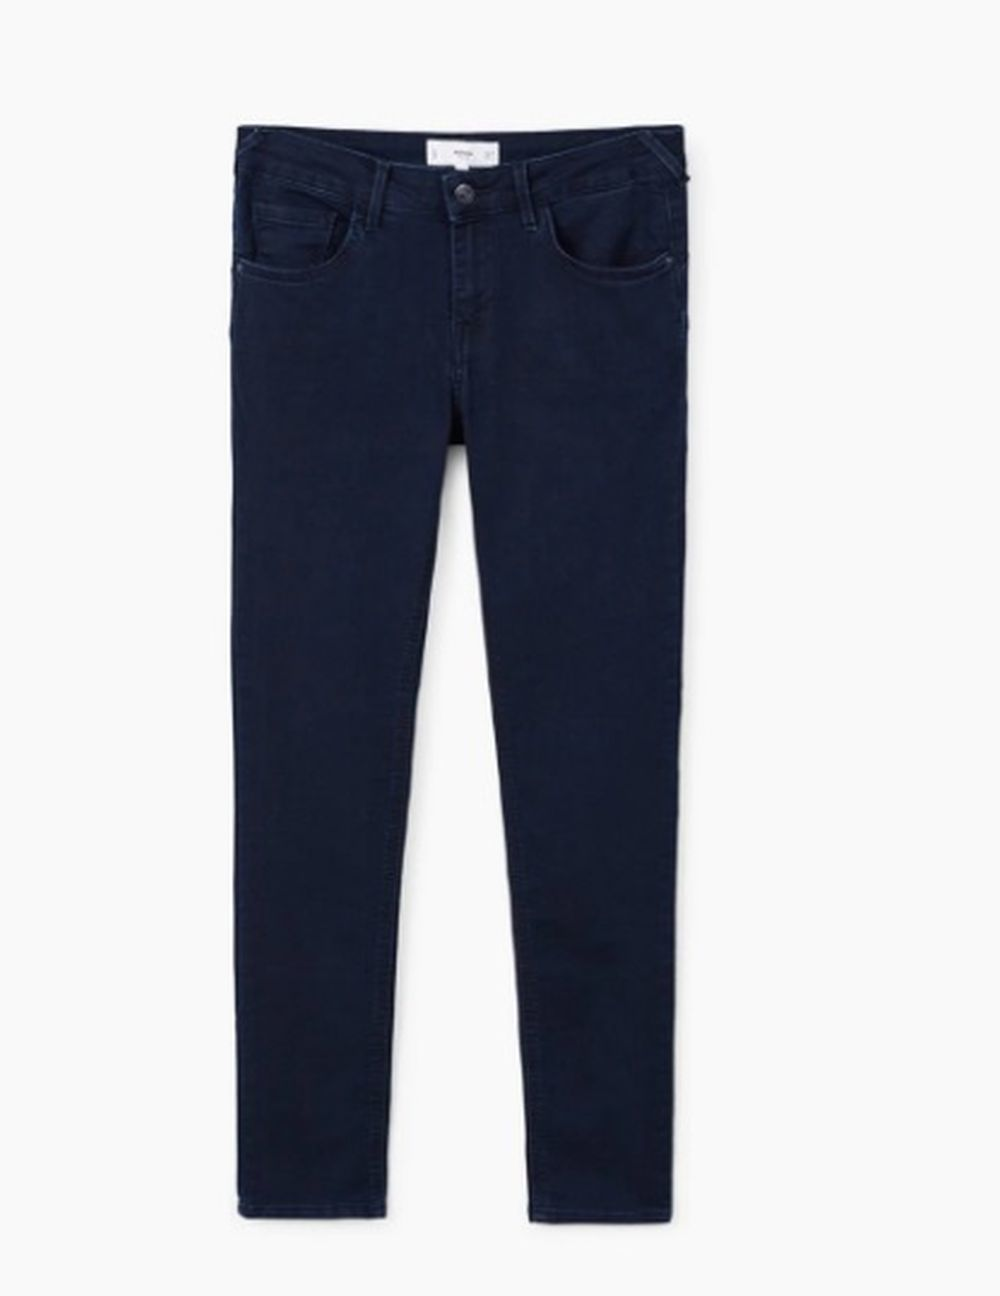 Pantalón pitillo azul oscuro de Mango (25,99 euros)